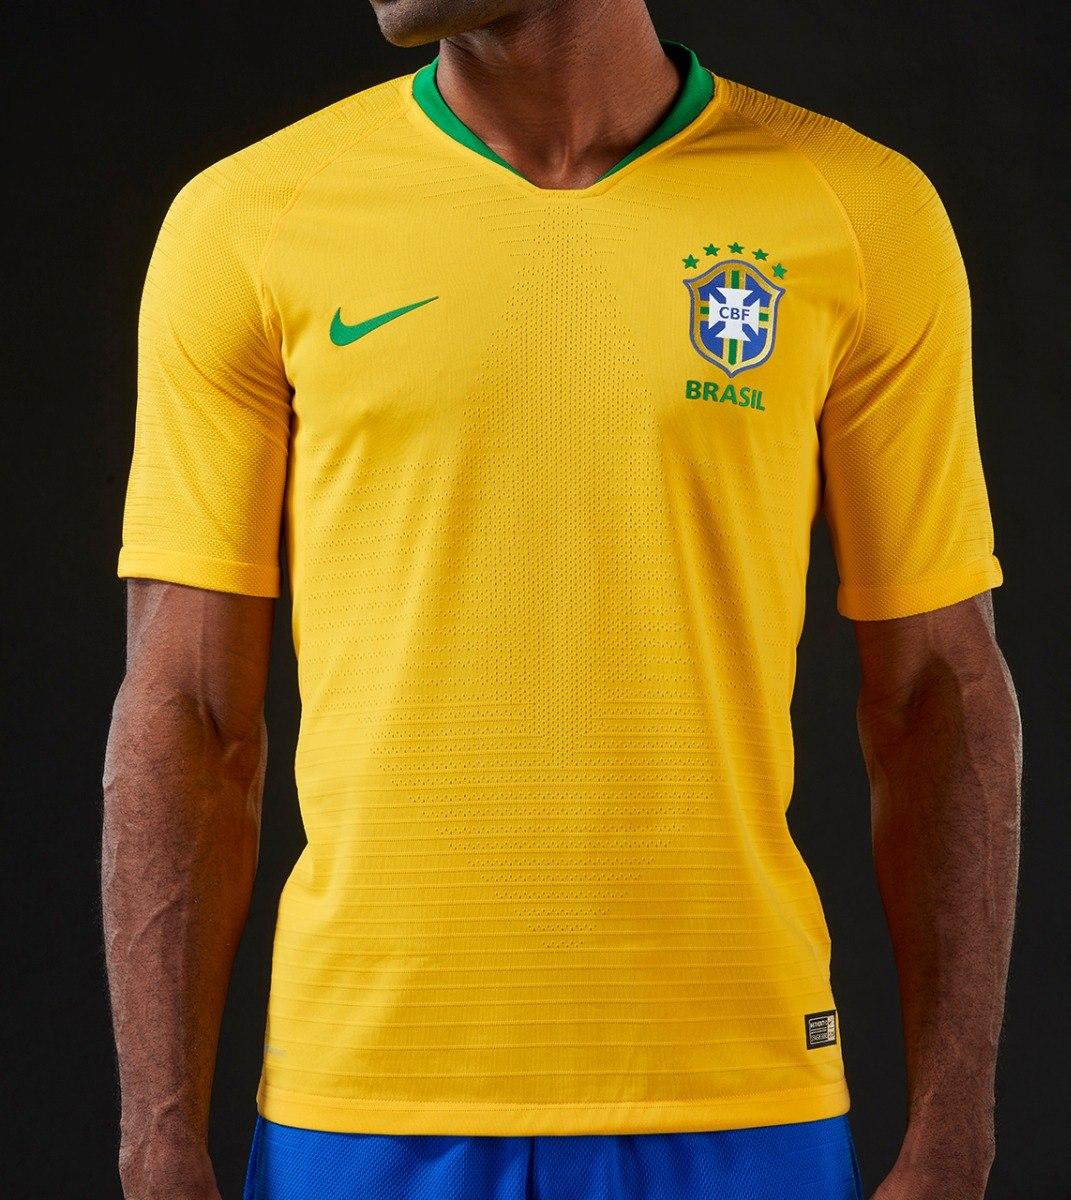 2424bd1f03a37 camisa brasil copa 2018 amarela neymar 10 promoção nova lanç. Carregando  zoom.